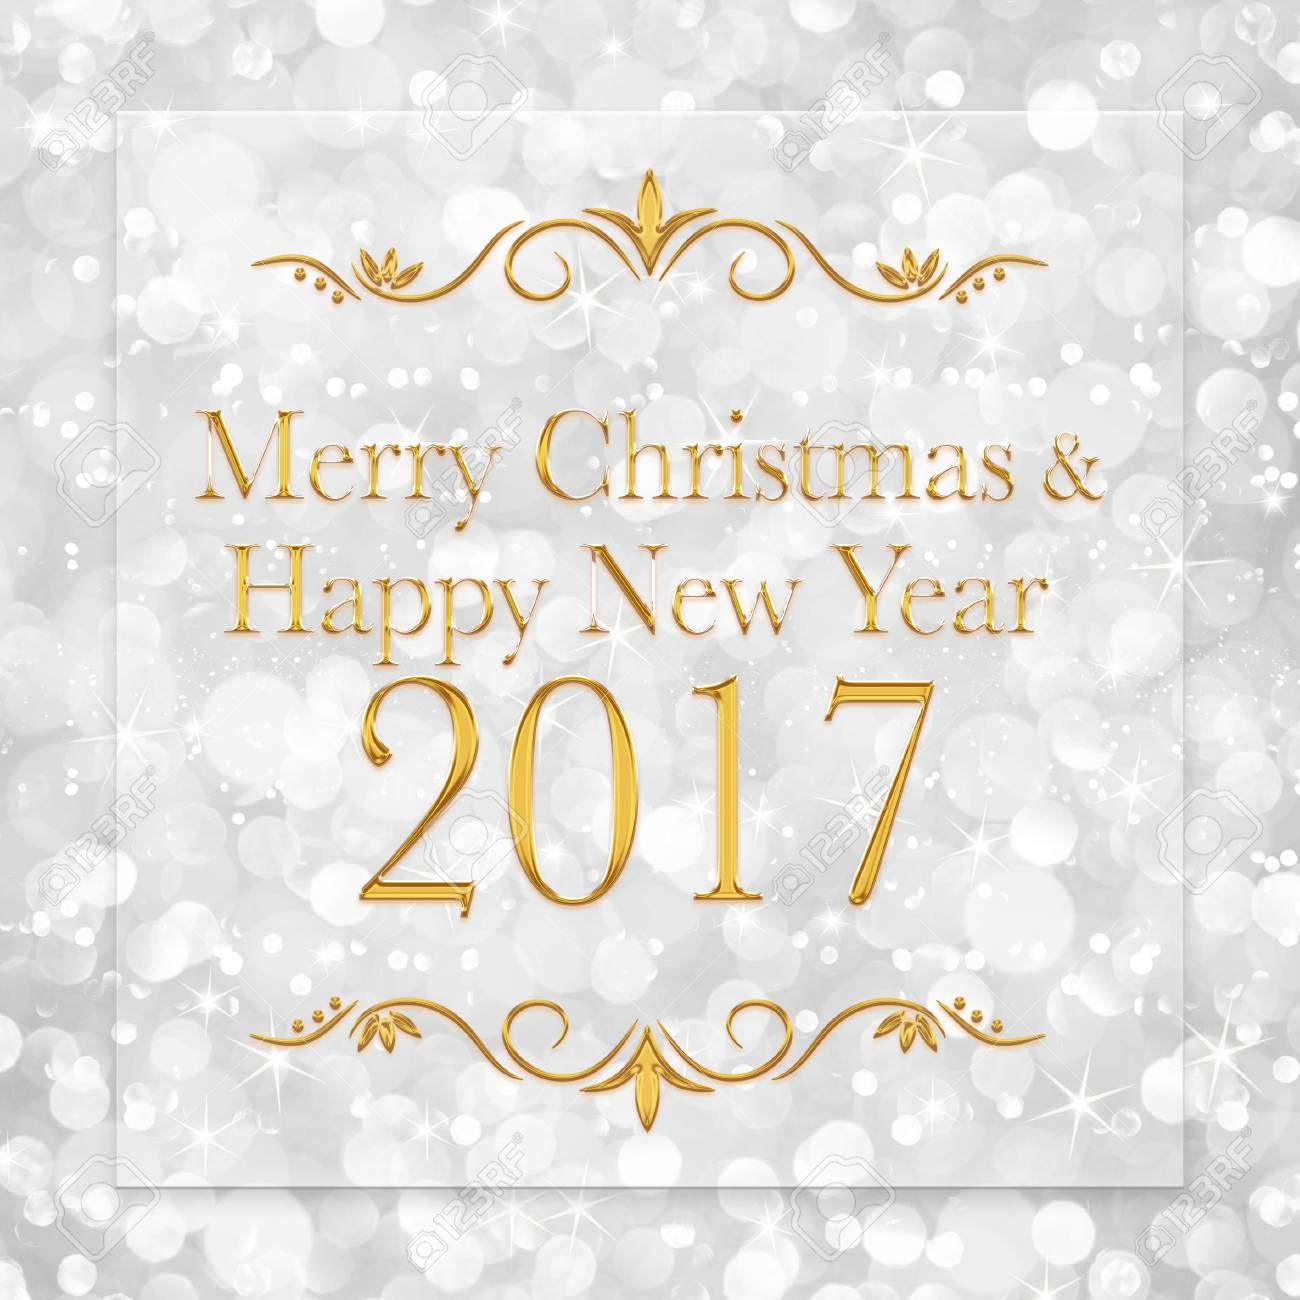 Frohe Weihnachten Und Guten Rutsch Ins Neue Jahr 2017 Wörter Auf ...